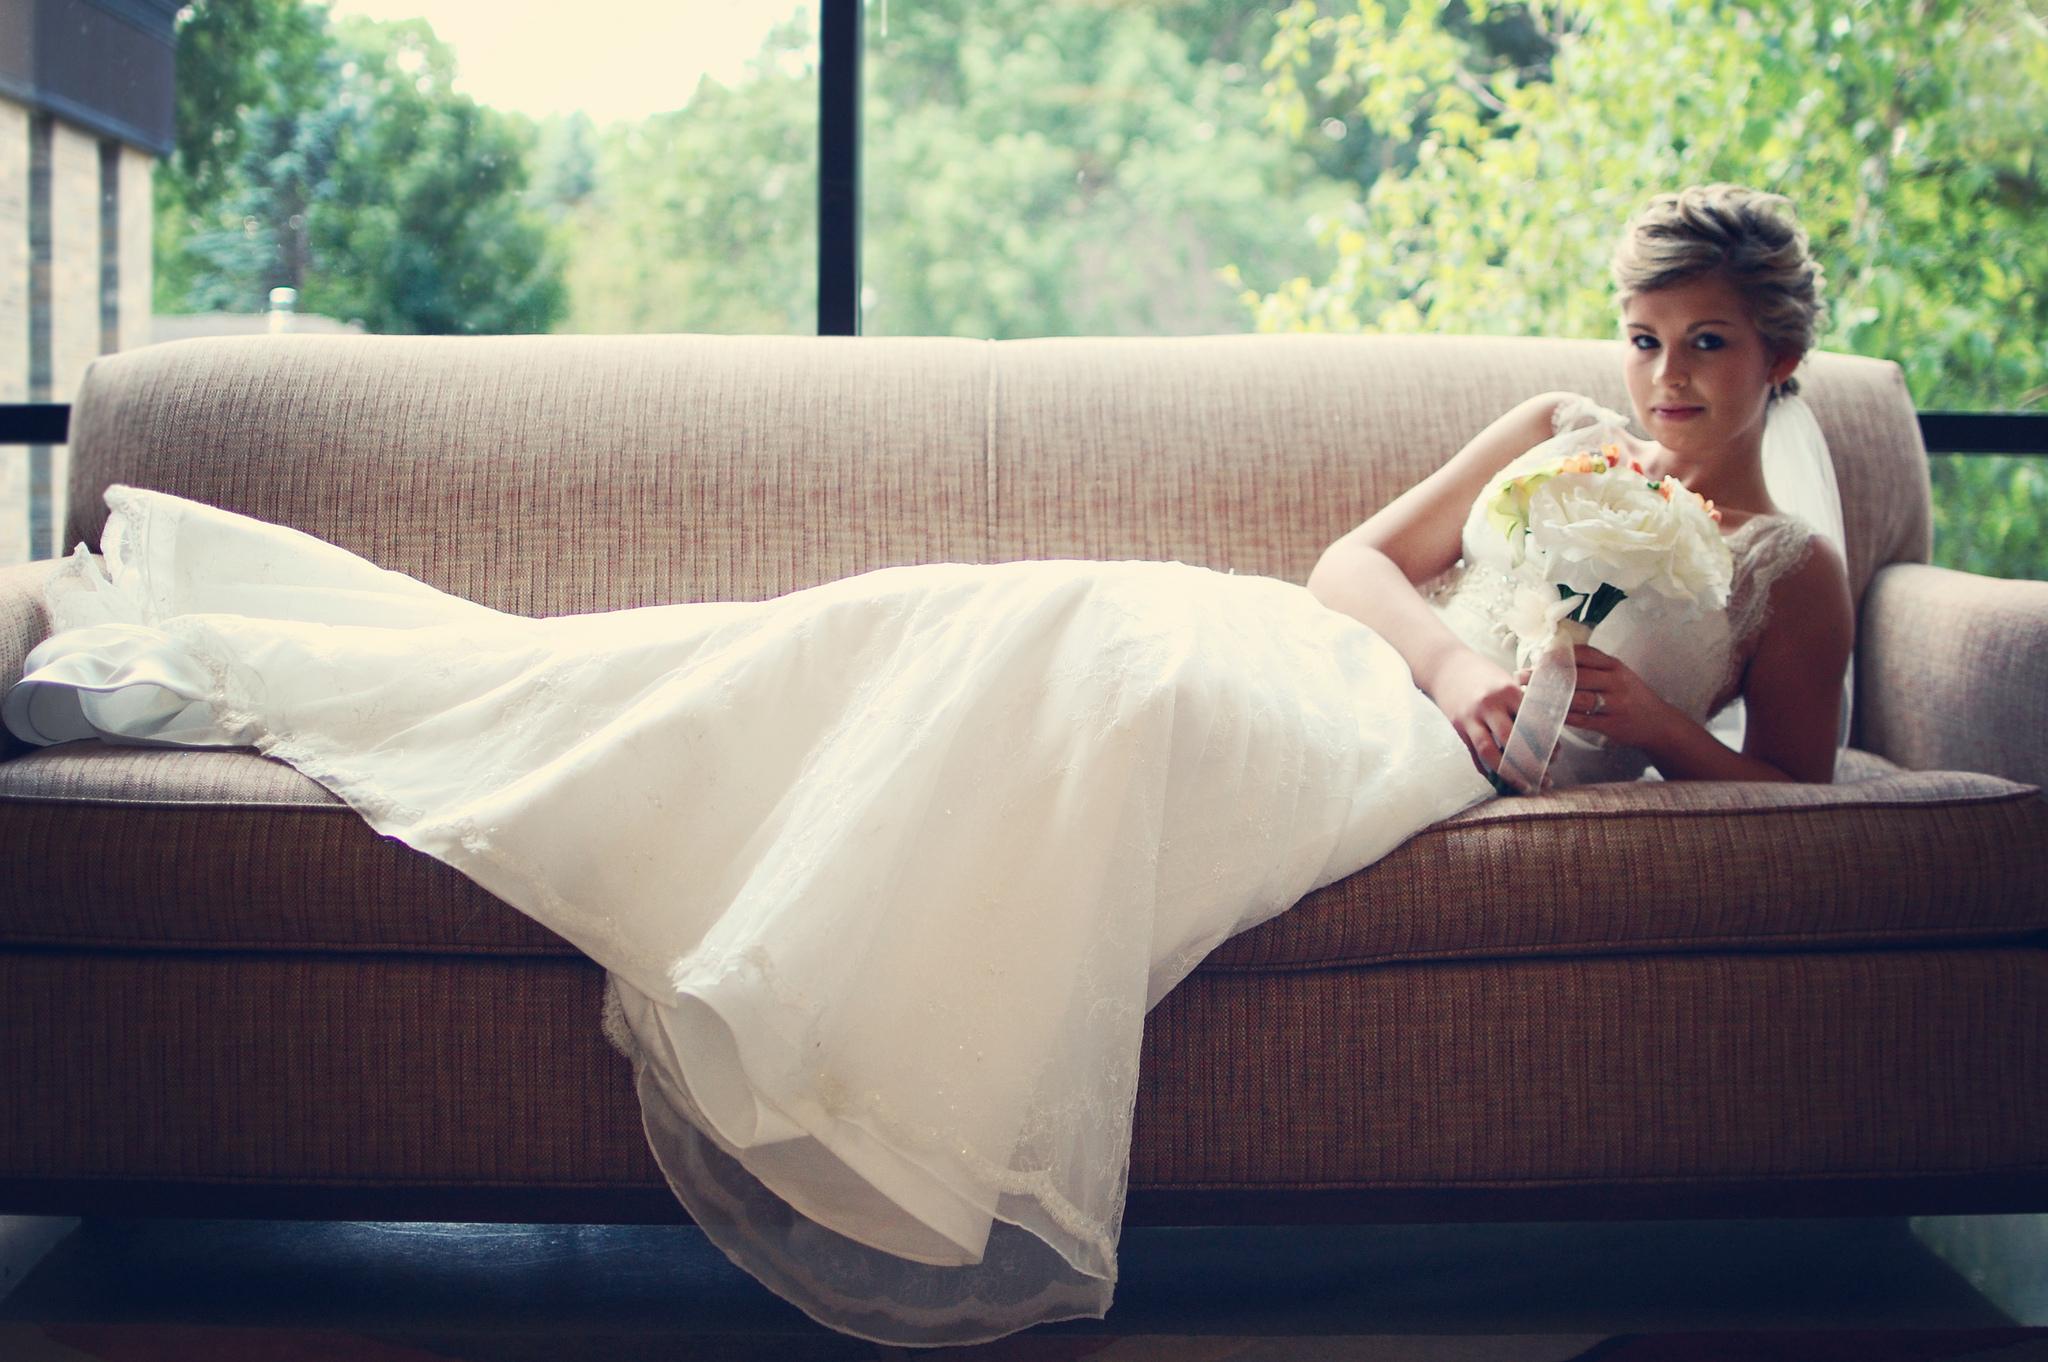 kristine_wedding_brides_spiritedtable_photo01.jpg